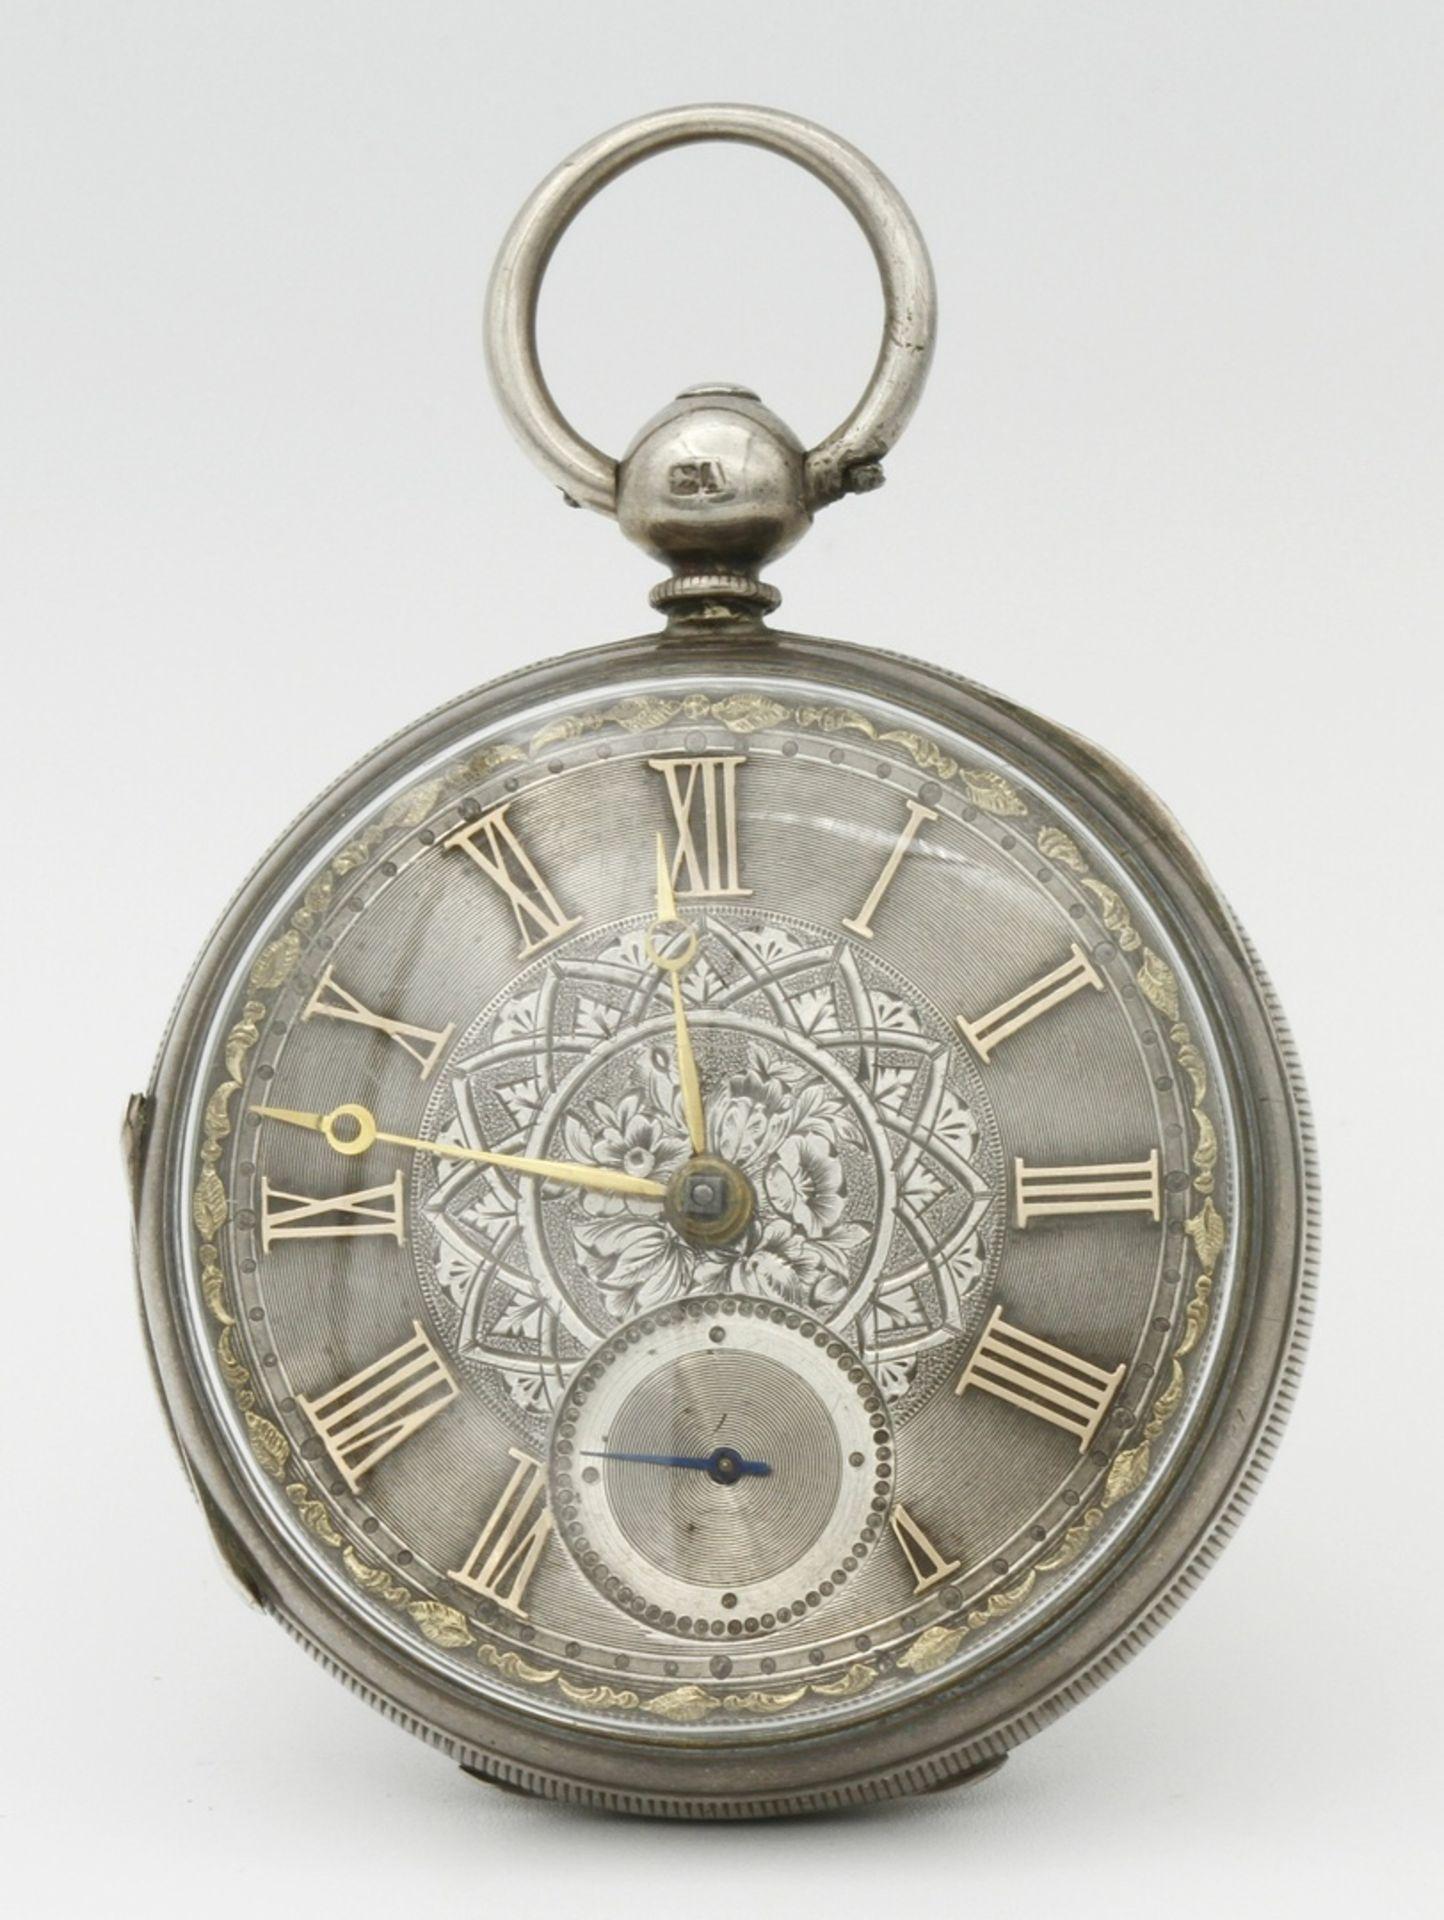 Aufwendig verzierte englische Silbertaschenuhr, um 1870 - Bild 2 aus 7